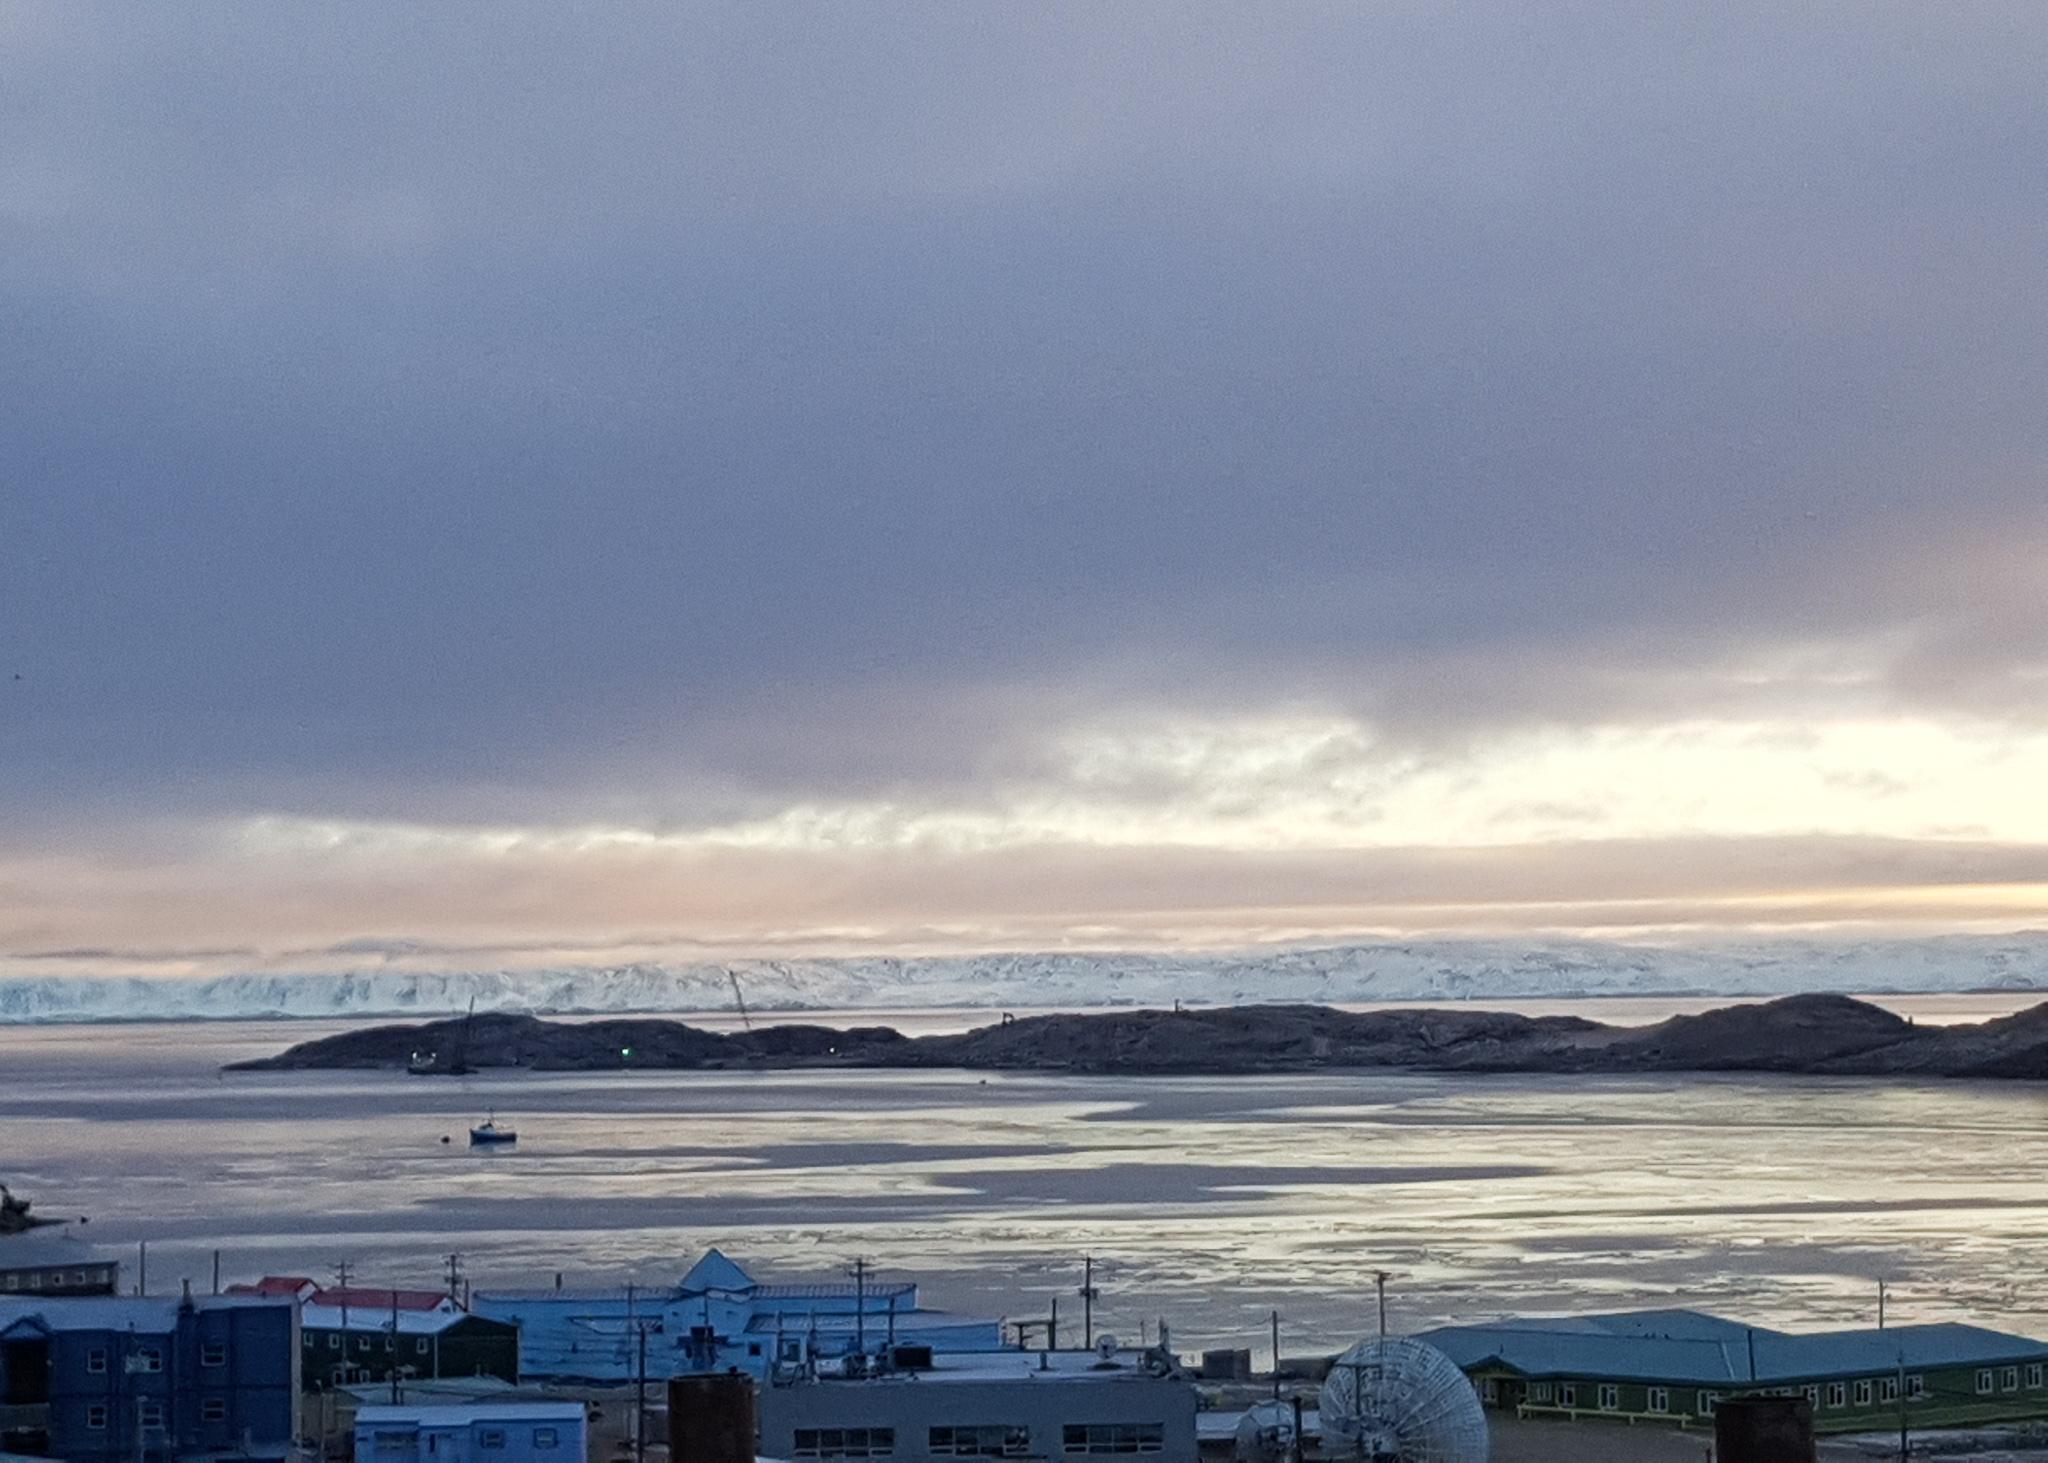 shoreline with glacier in background